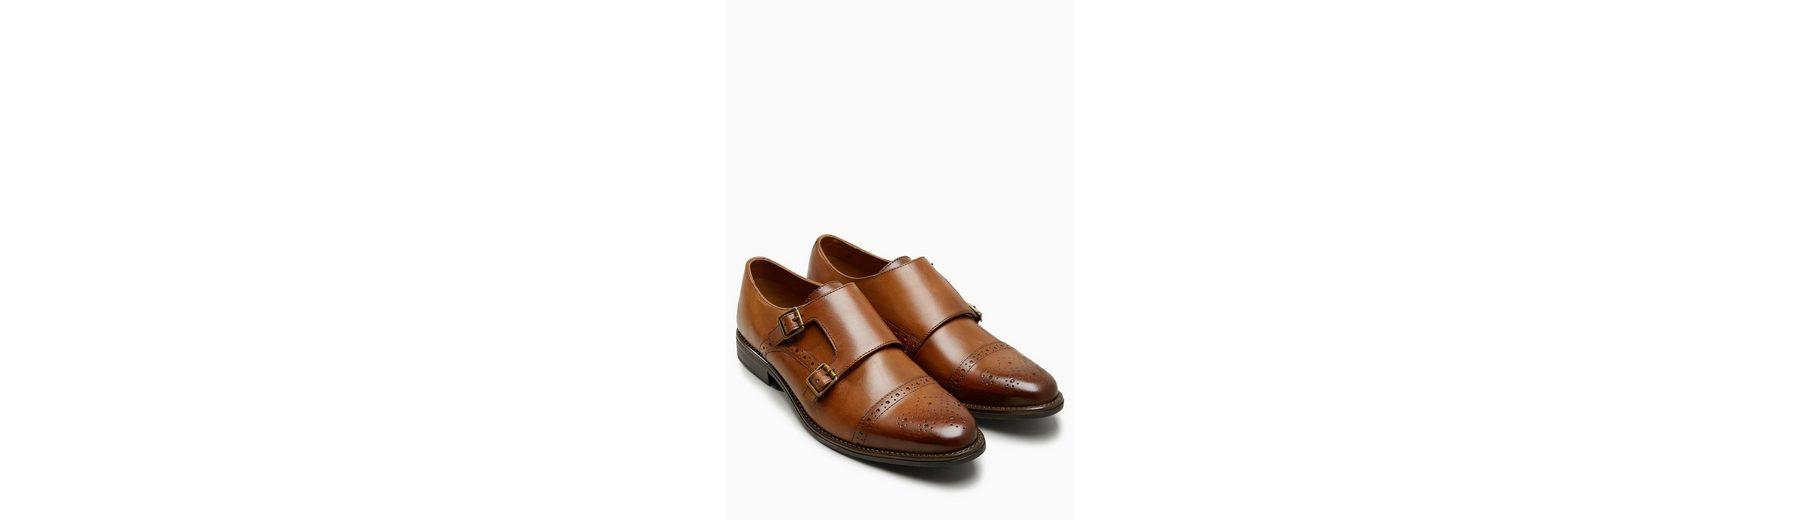 Erkunden Next Polierter Monkstrap-Schuh Billigshop Verkauf Der Billigsten Rabatt 100% Garantiert Rabatt Niedrig Kosten VMC9x0